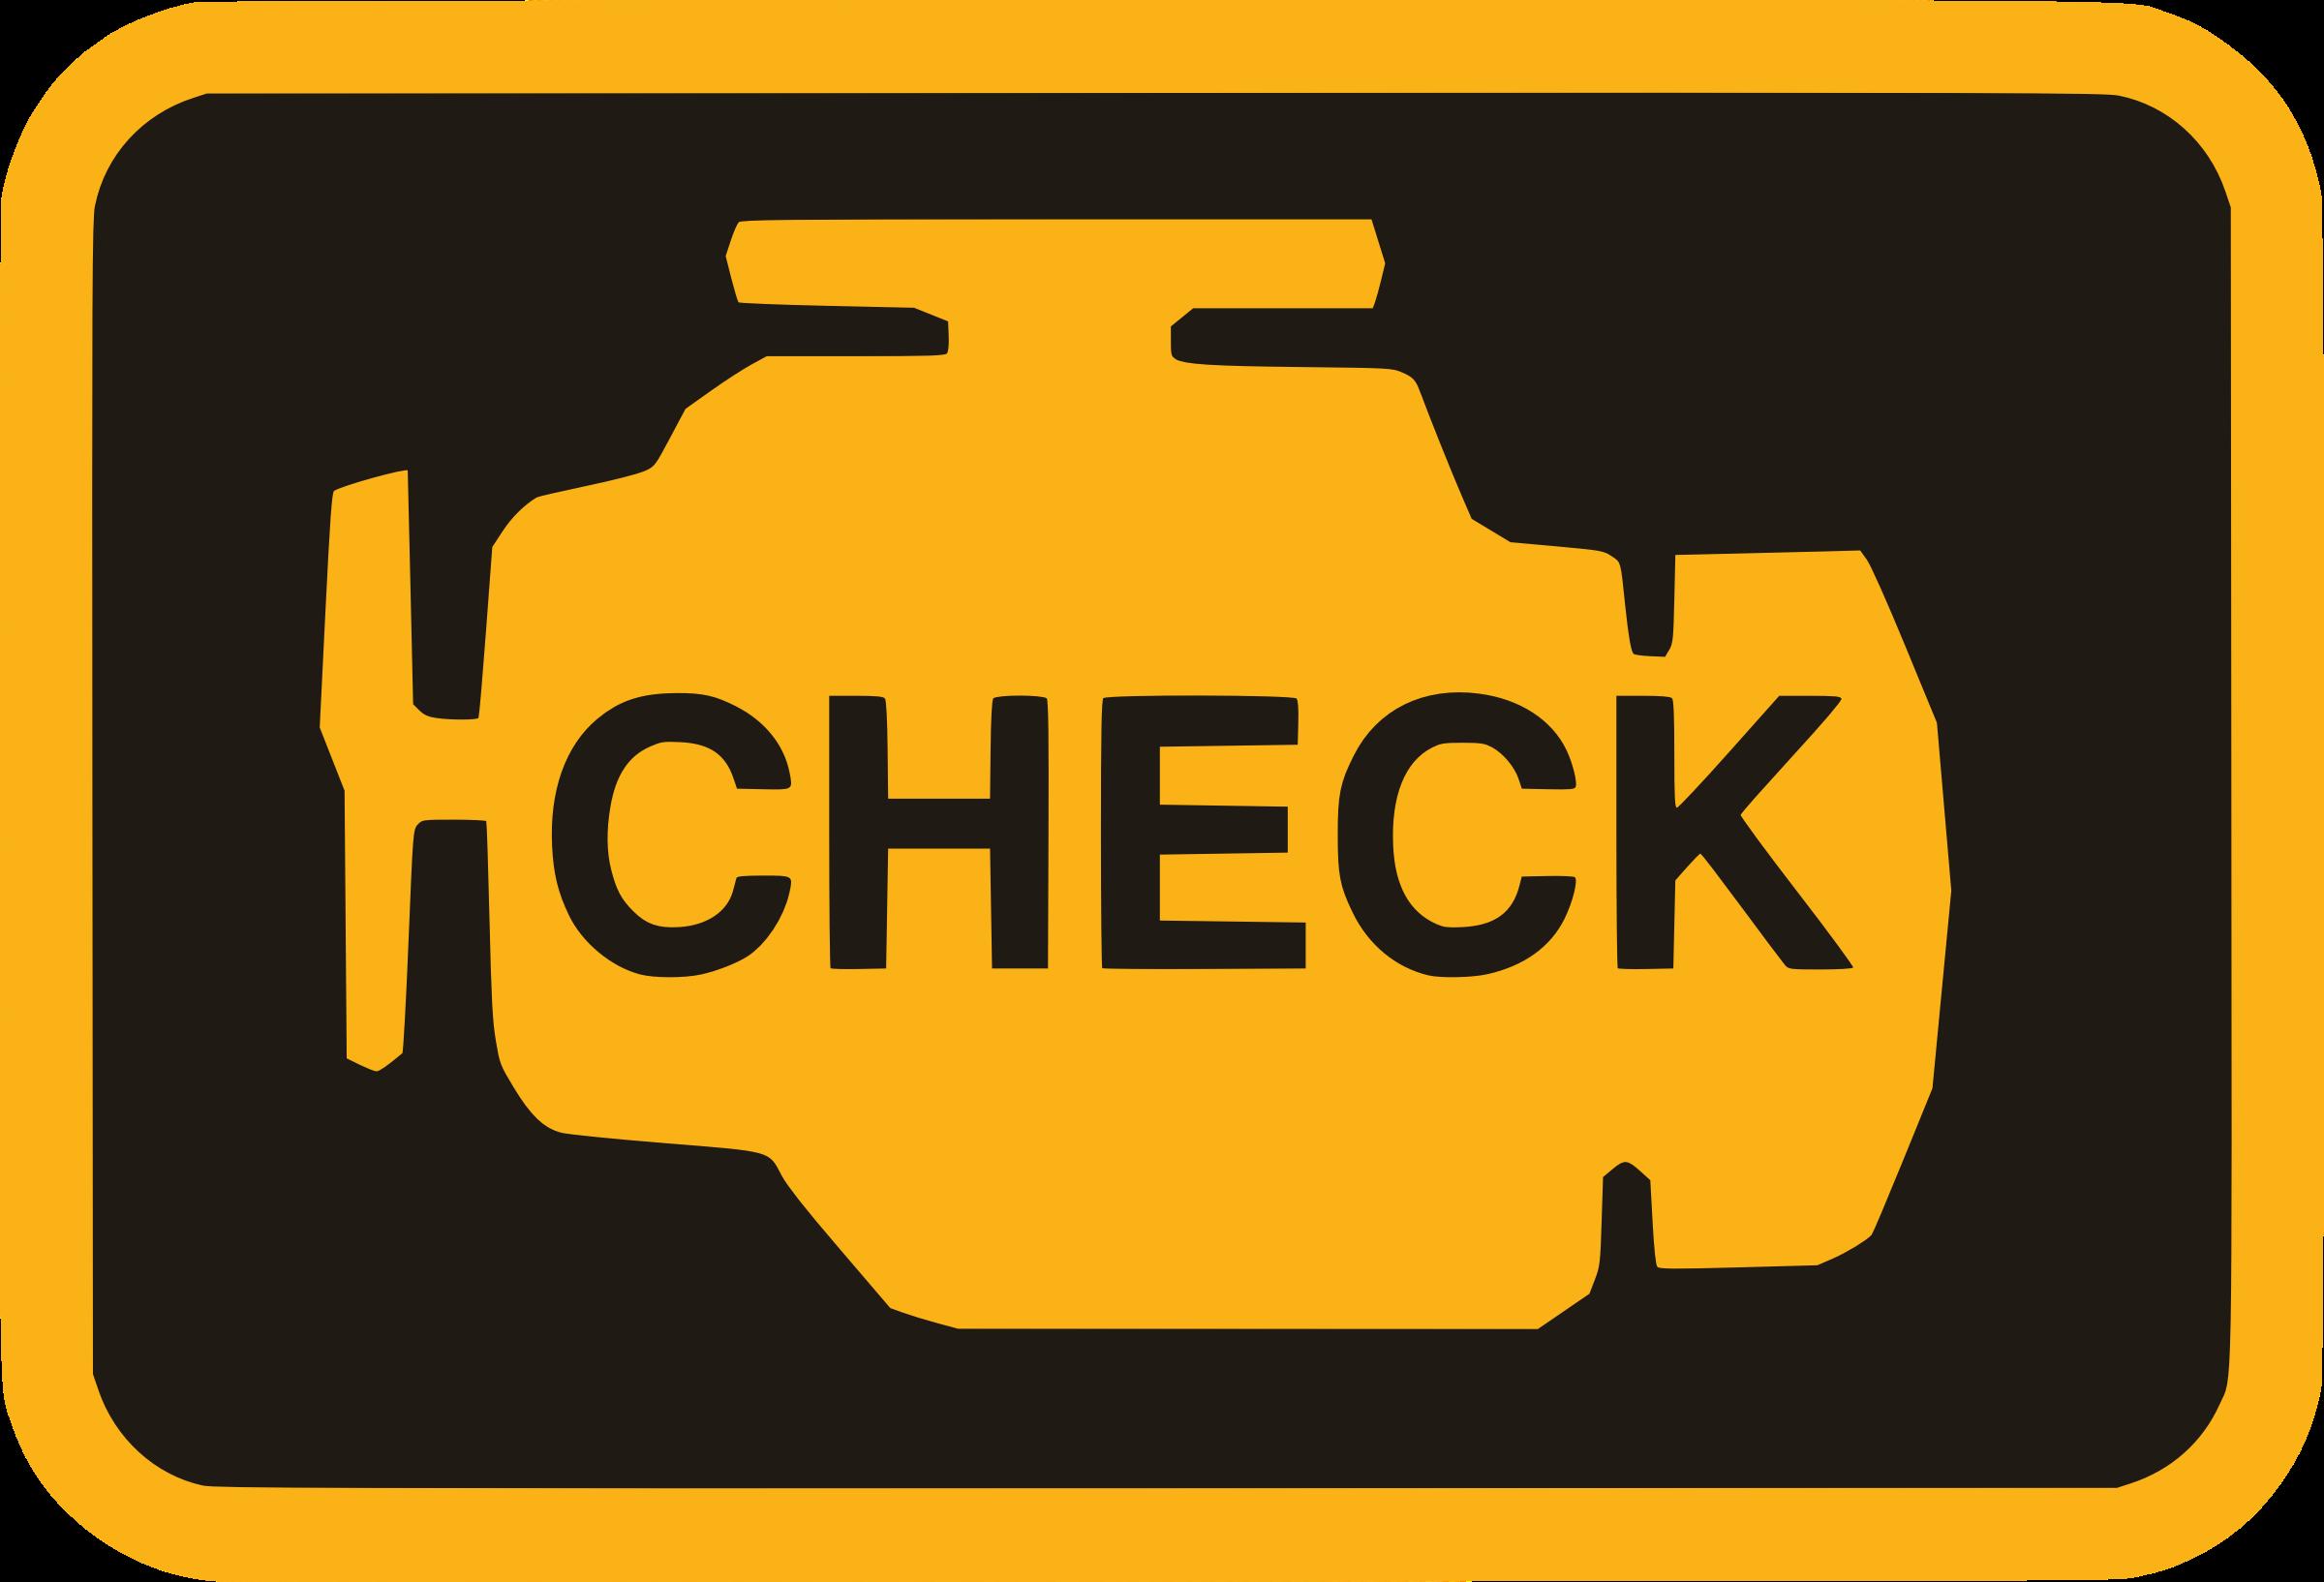 Motor oil change clipart.